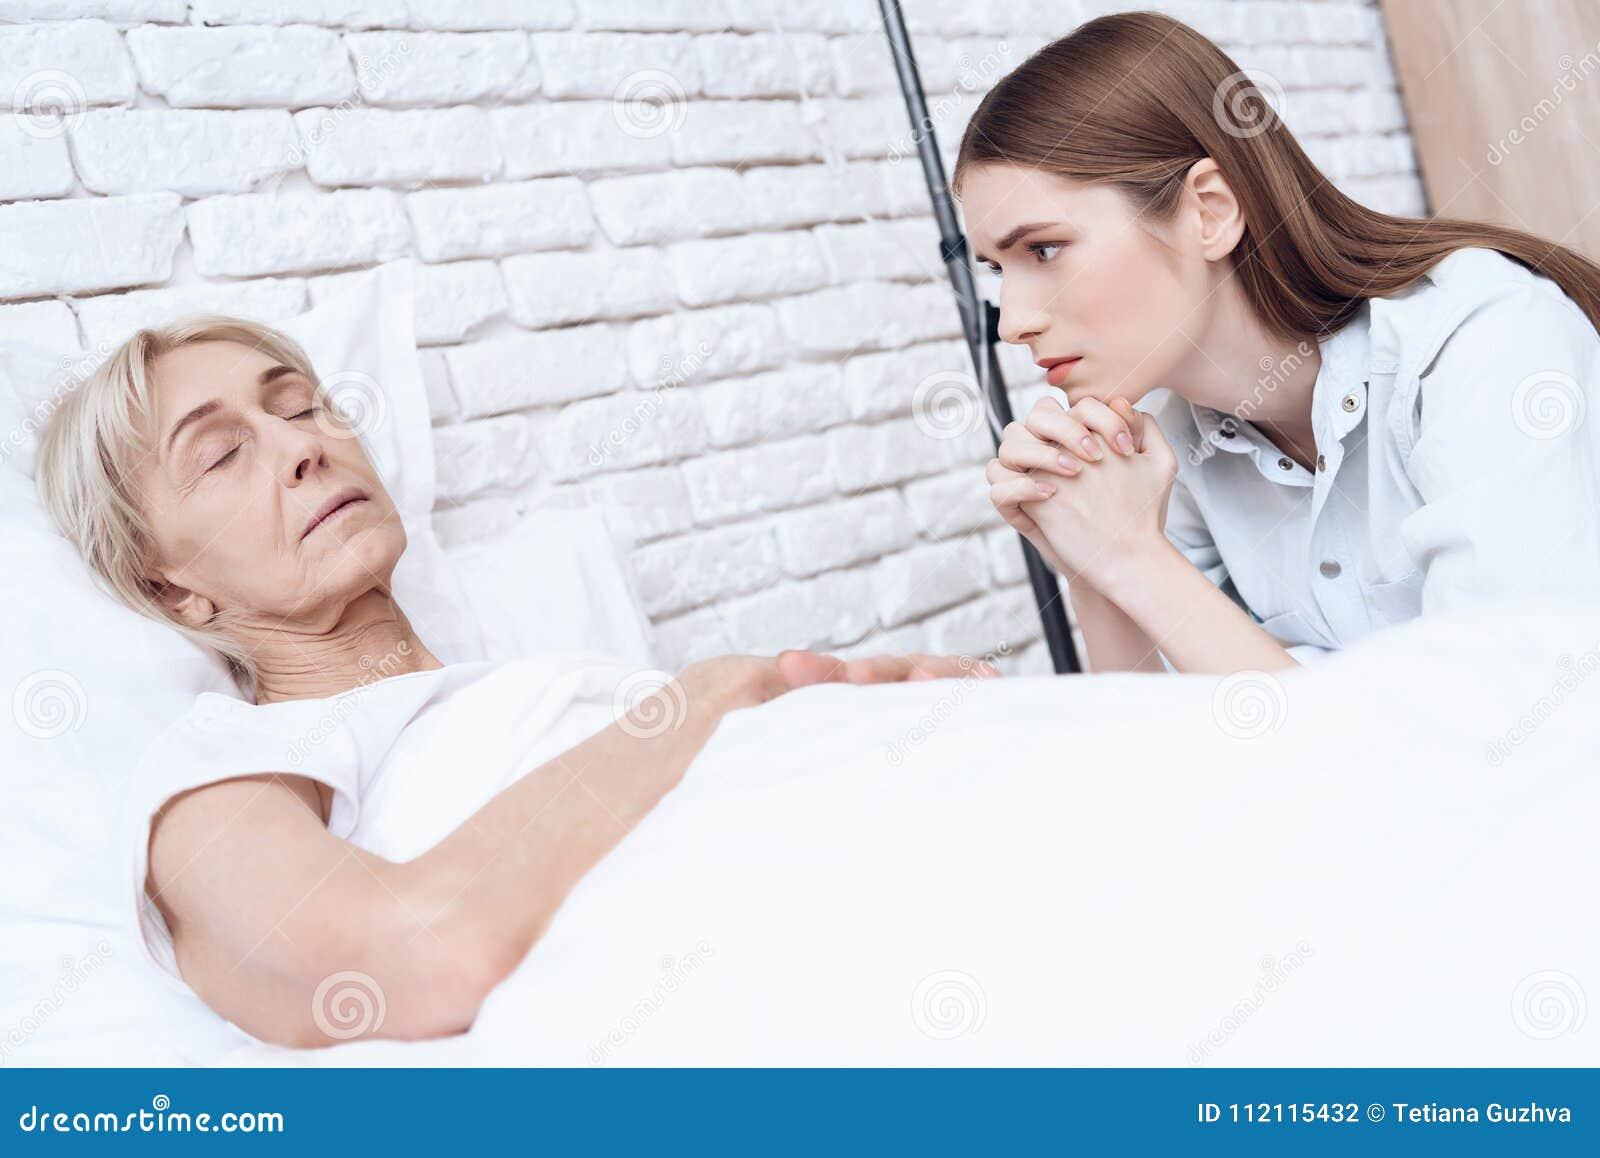 Flickan vårdar den äldre kvinnan hemma Kvinnan känner sig dålig, flickan oroas om henne